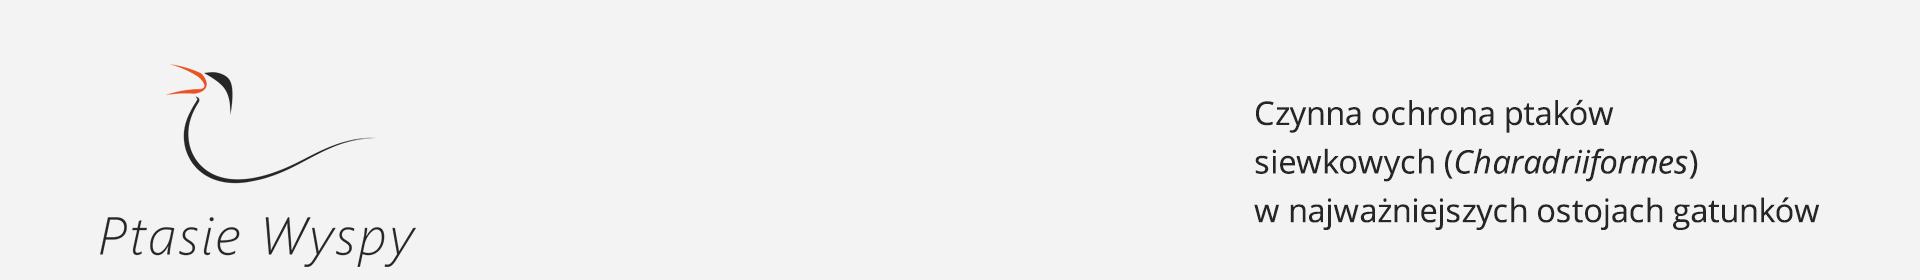 Ptasie wyspy logo